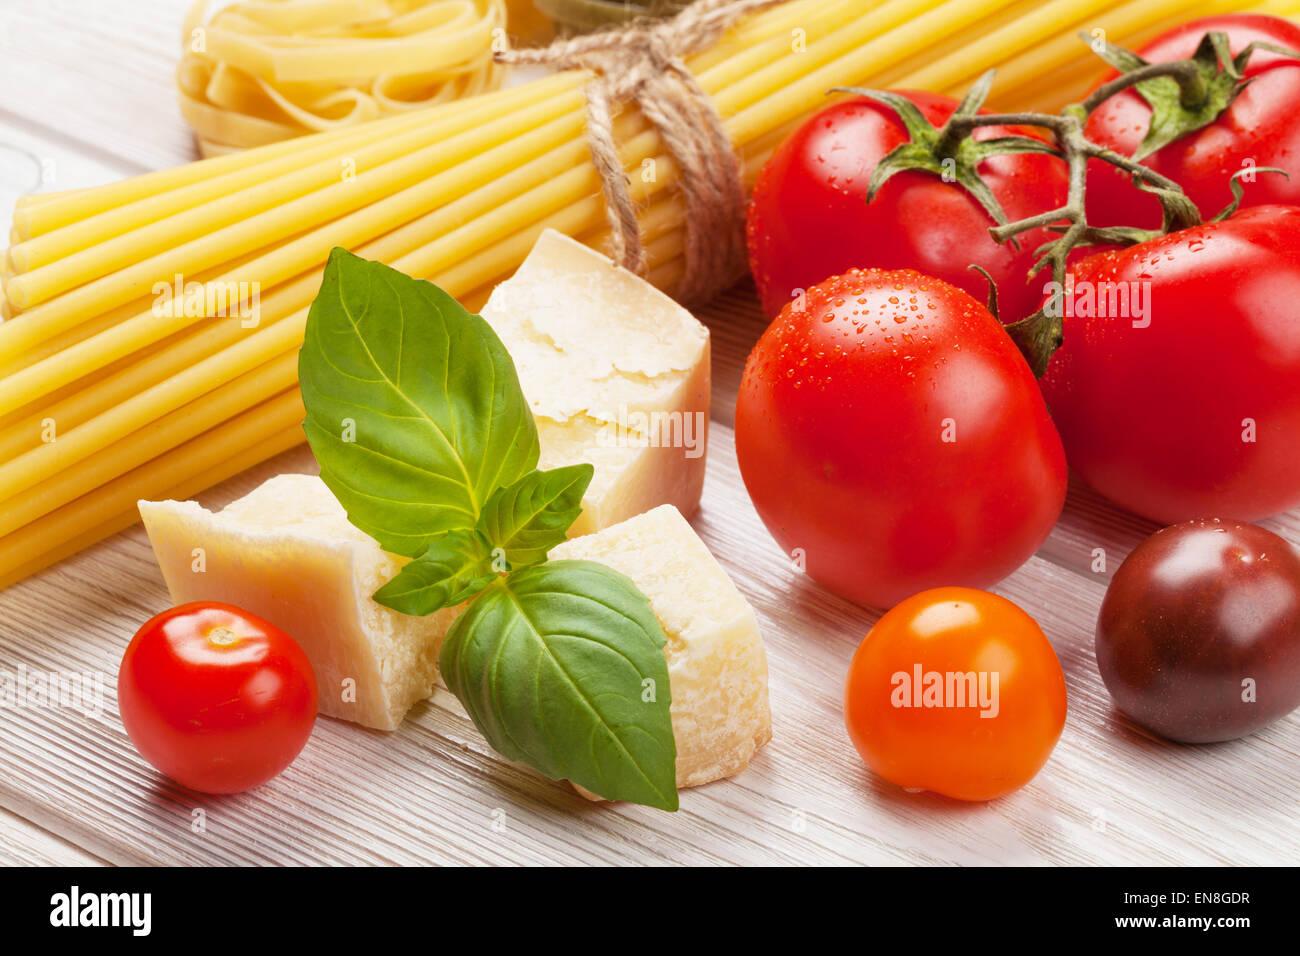 Italienische Küche kochen Zutaten. Nudeln, Tomaten, Basilikum auf Holztisch Stockbild